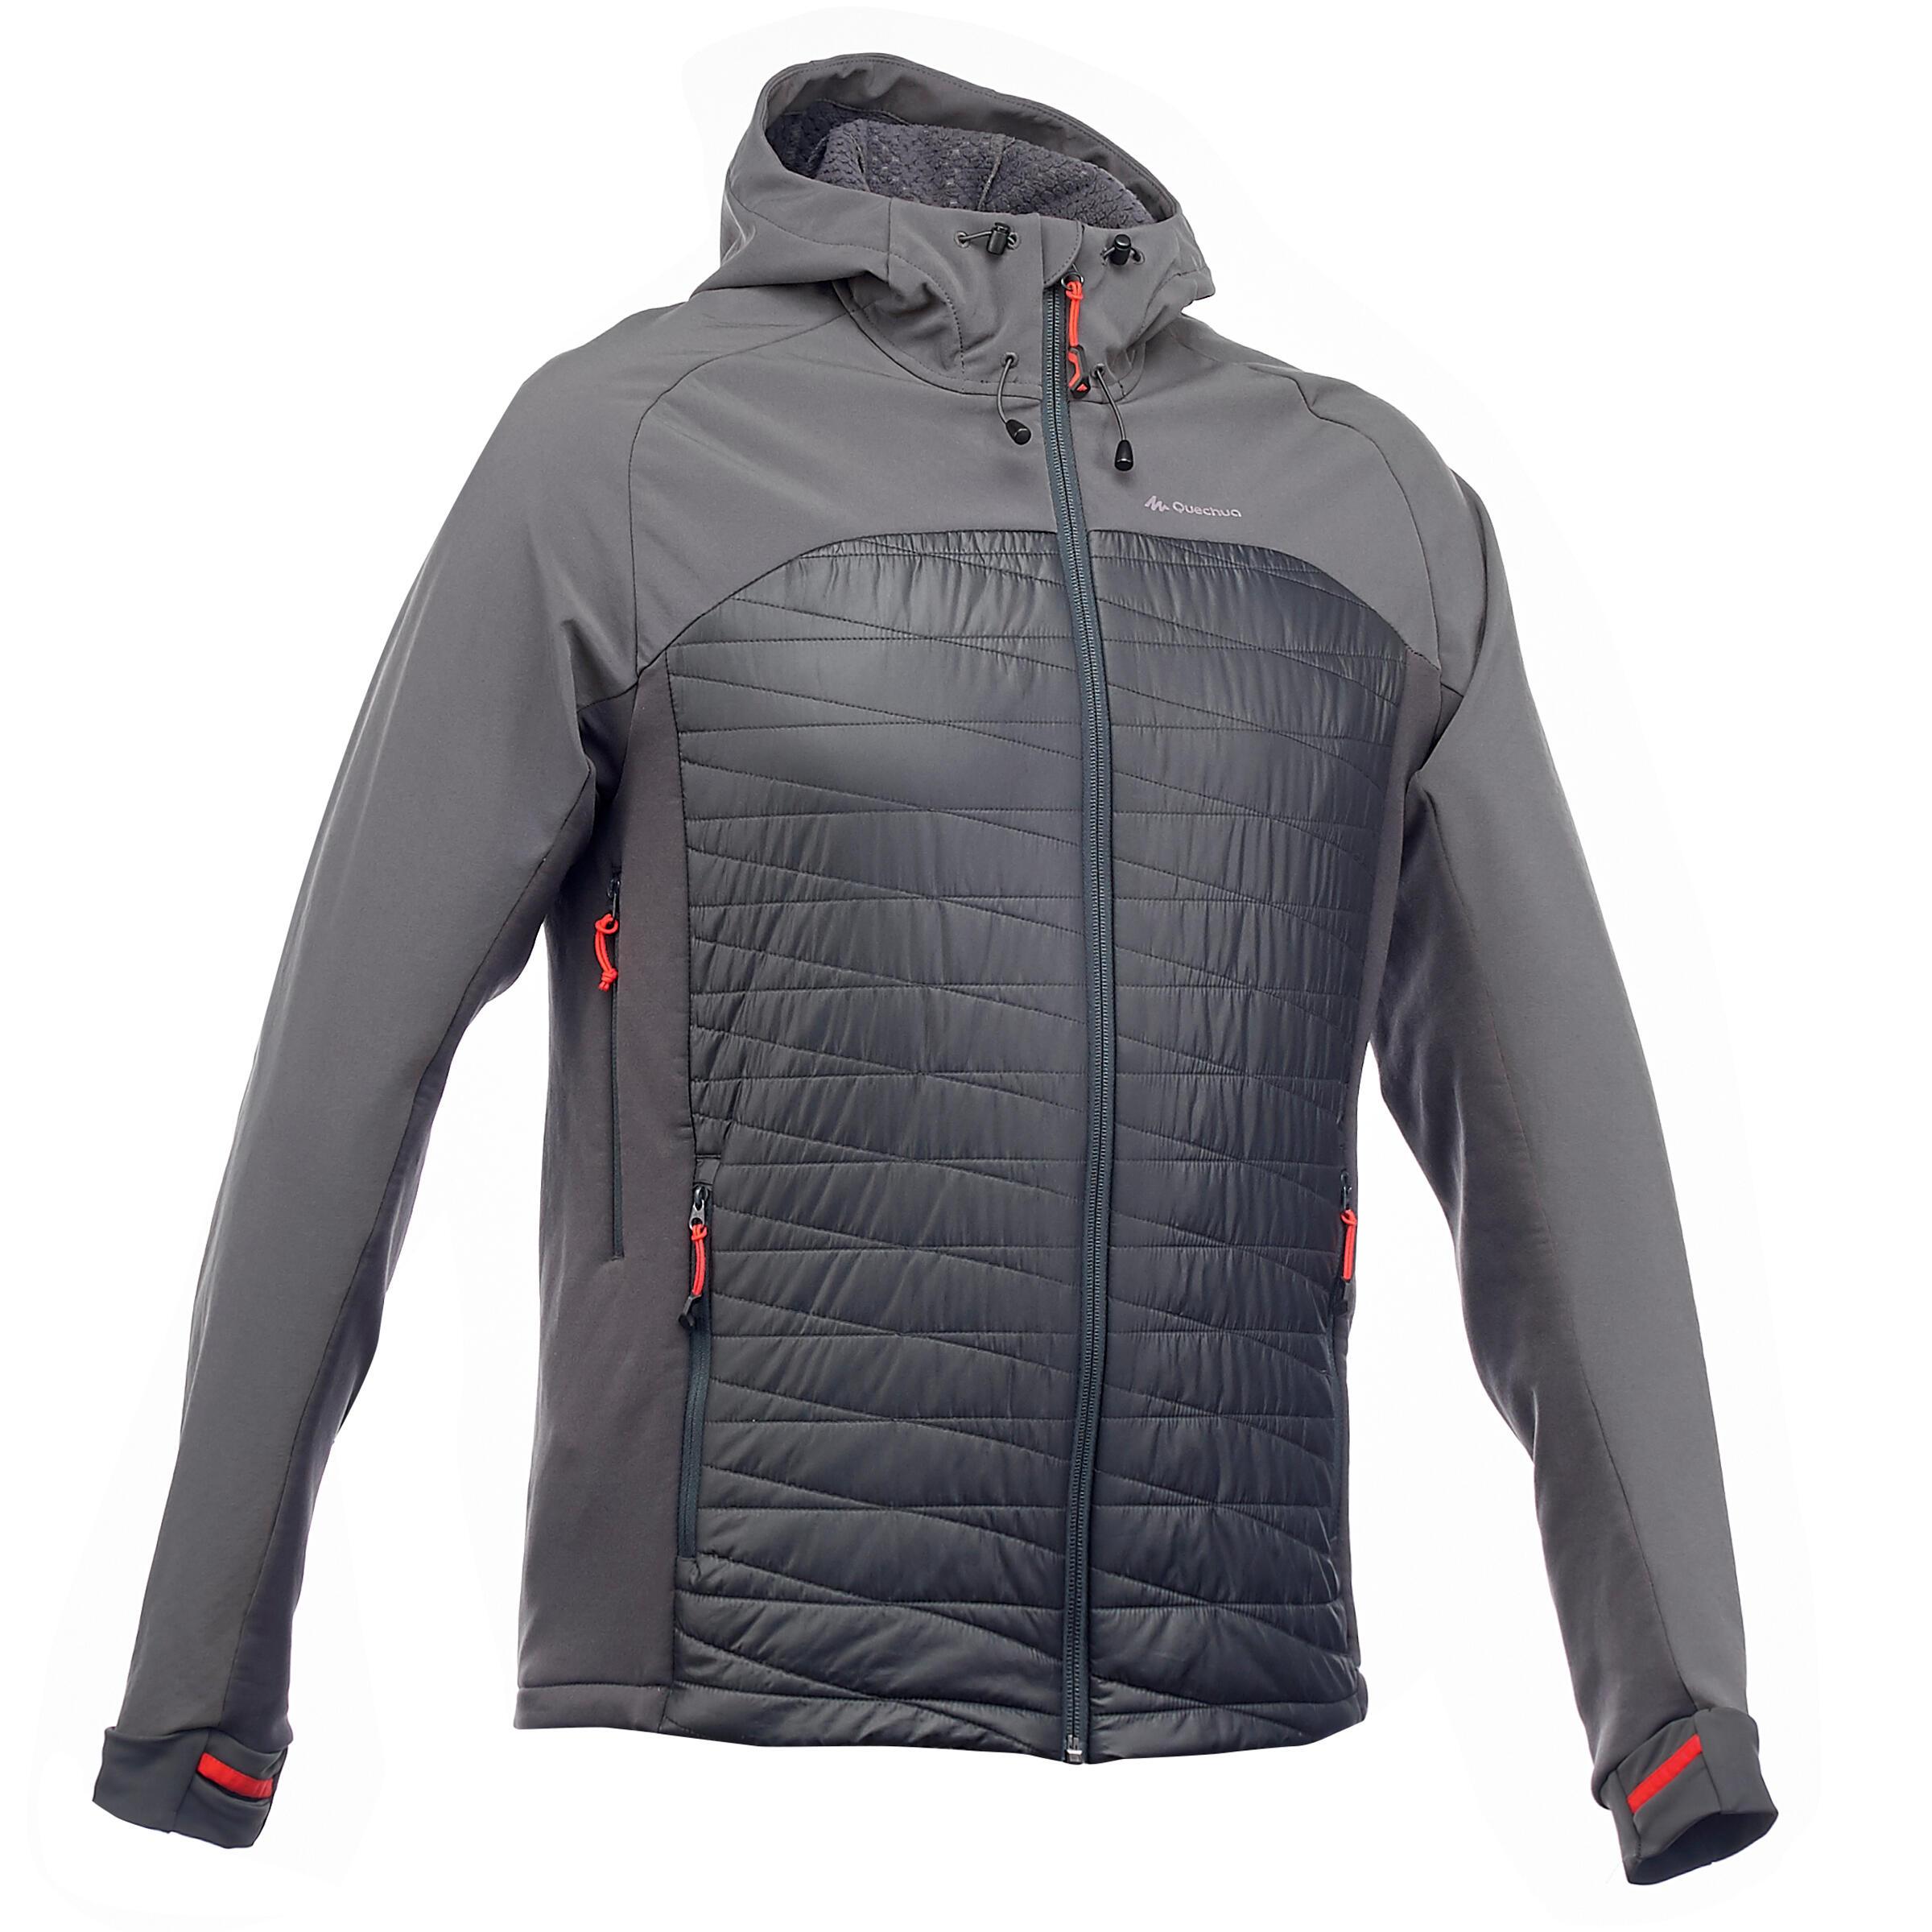 Quechua Heren softshell jas voor bergtrekking Trek 900 hybrid